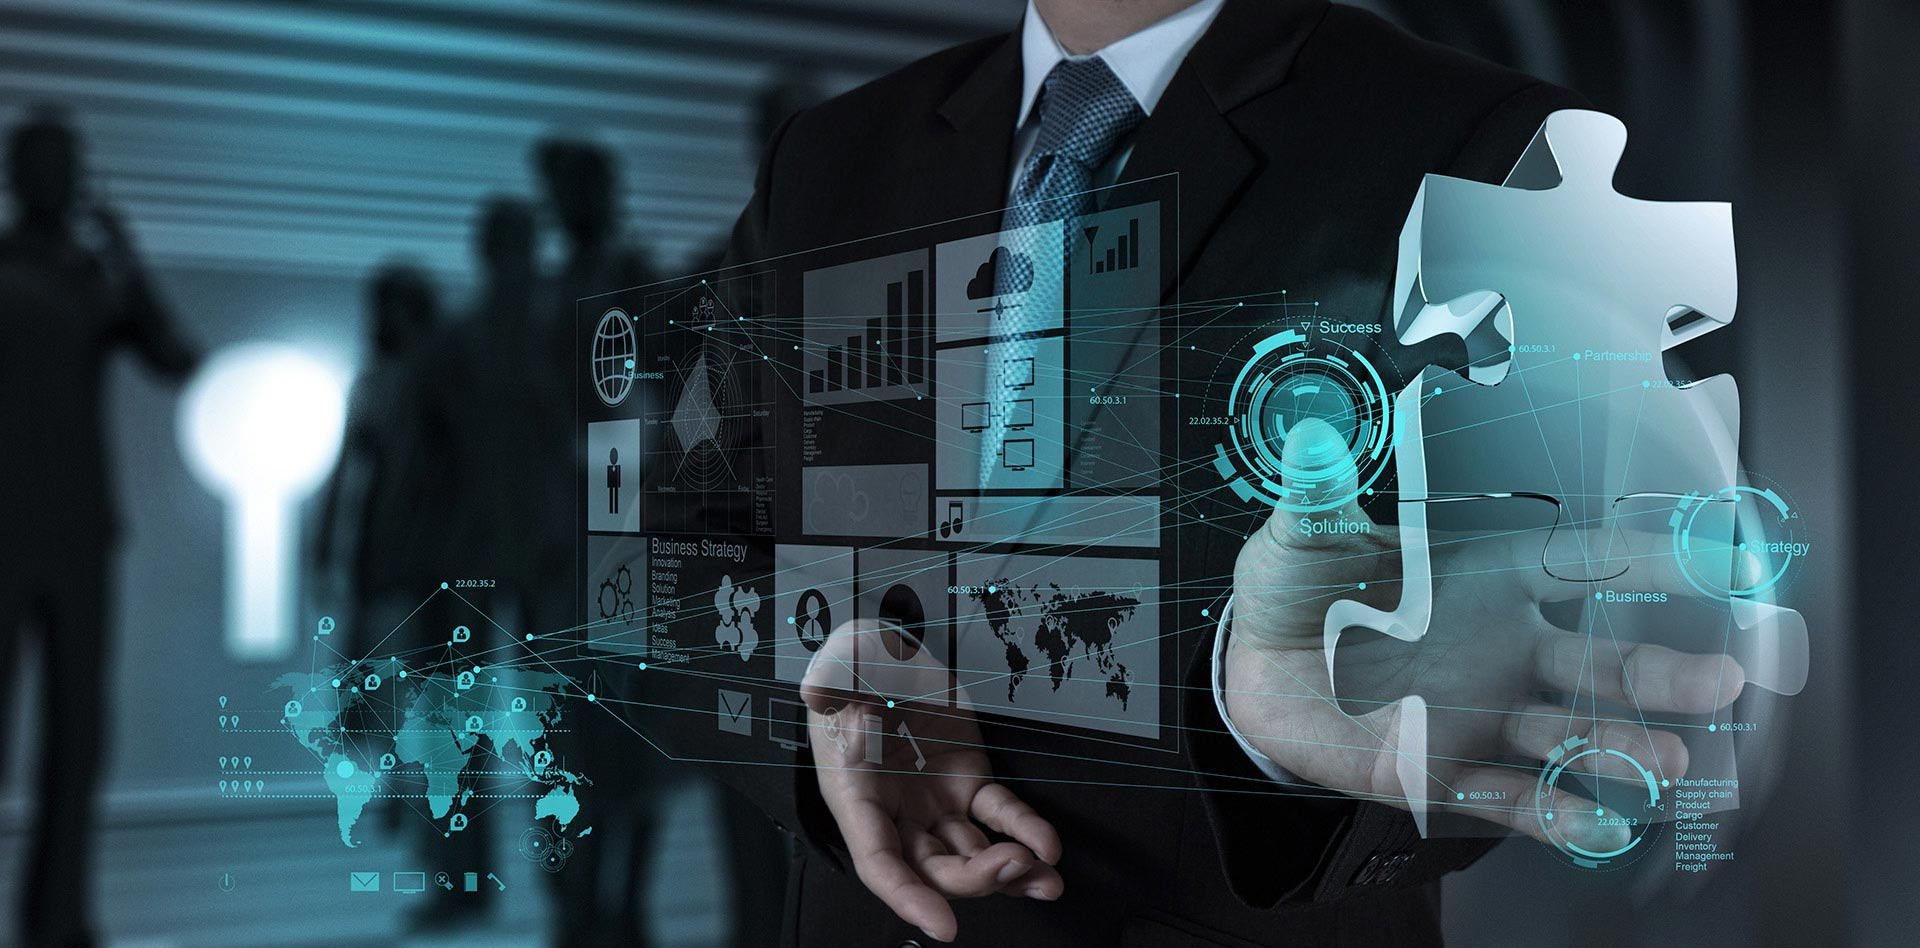 Empregos do futuro: como a tecnologia vai mudar o mercado de trabalho.